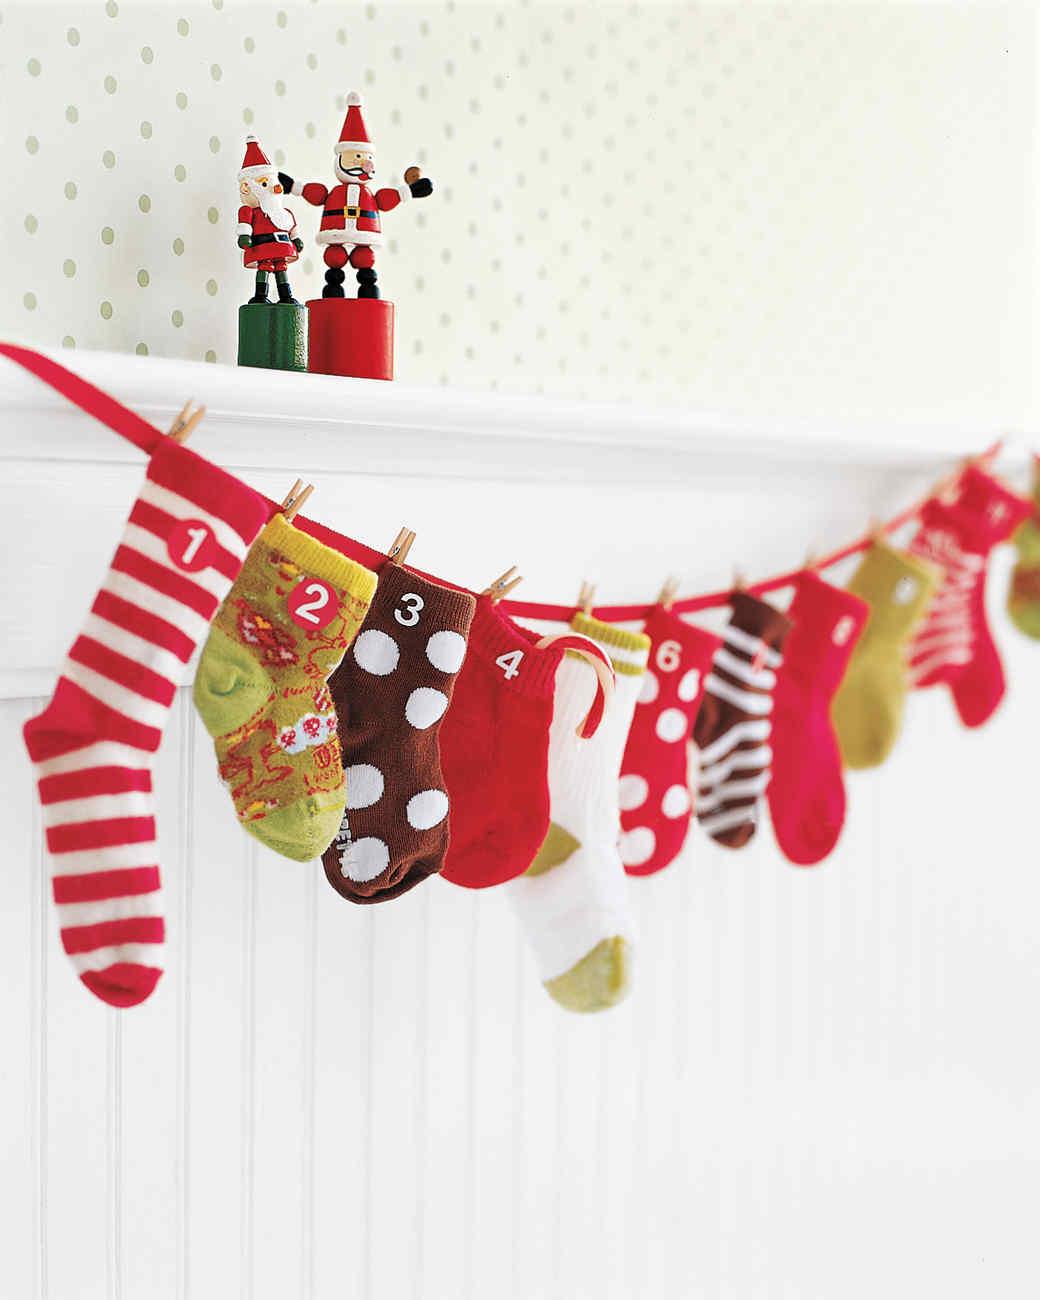 10 Martha Stewart Approved DIY Christmas Stockings| DIY Stockings, Christmas Stockings, Holiday Stockings, Martha Stewart, Martha Stewart Stockings, Martha Stewart Christmas Decor, Holiday Home Decor, Popular Pin #Holiday #ChristmasDecor #DIYHoliday